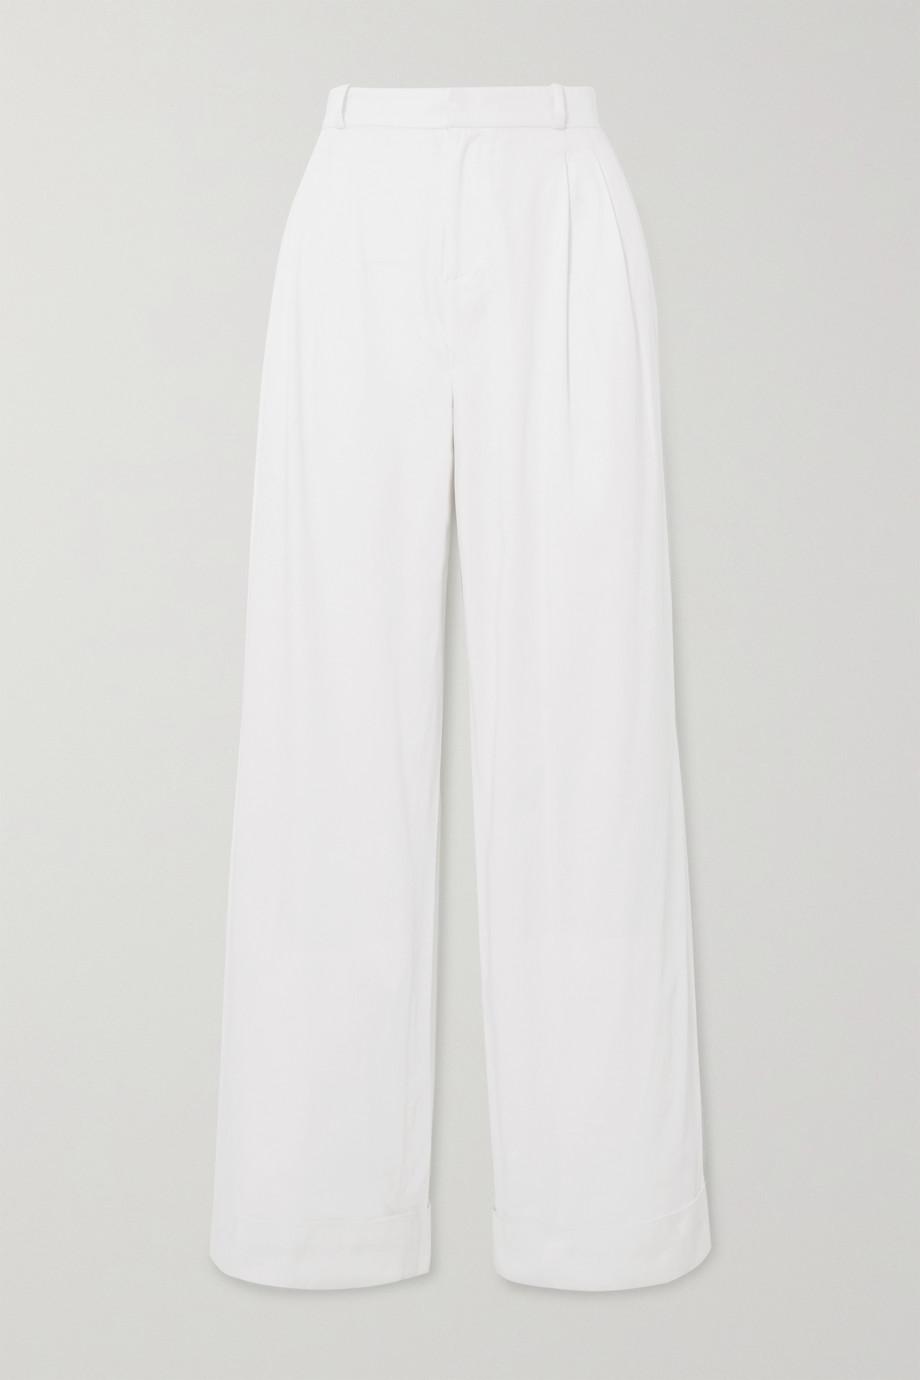 Àcheval Pampa Gardel cotton-blend wide-leg pants